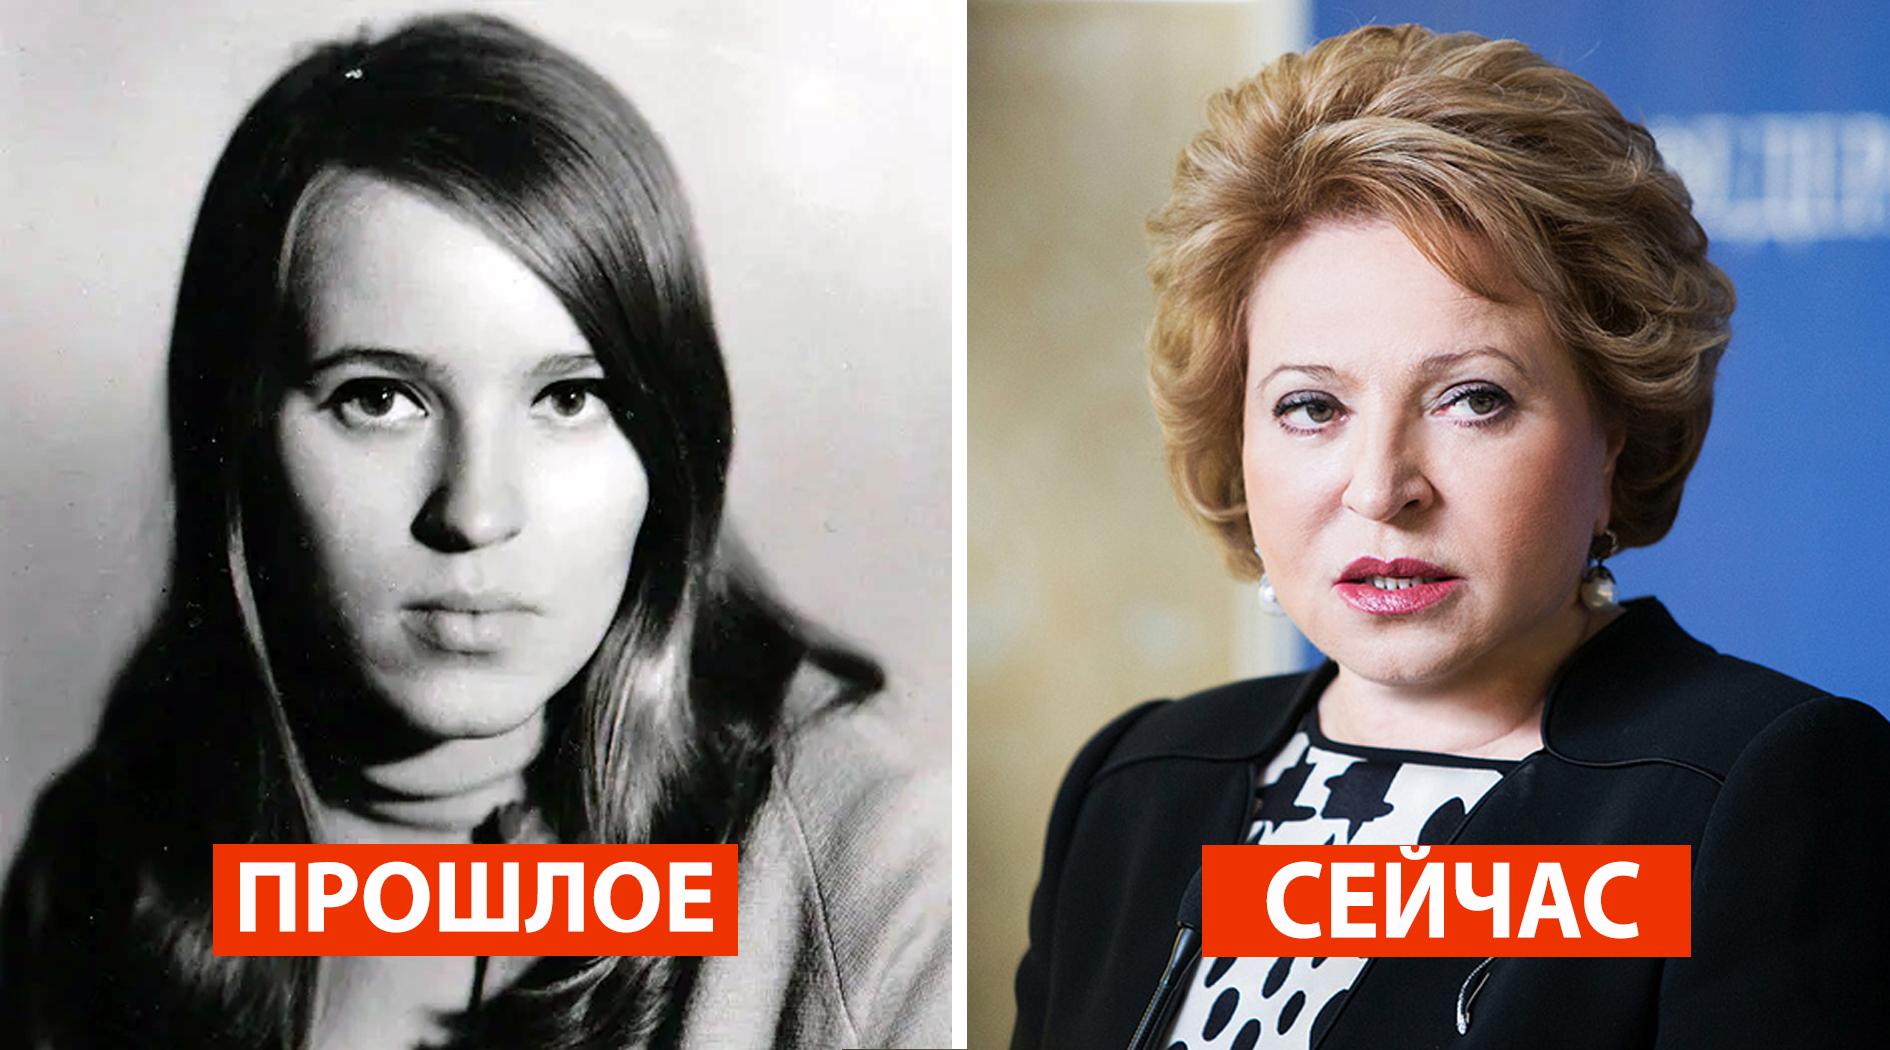 1577279892_politiki-sejchas-v-molodosti-i-v-detstve.jpg